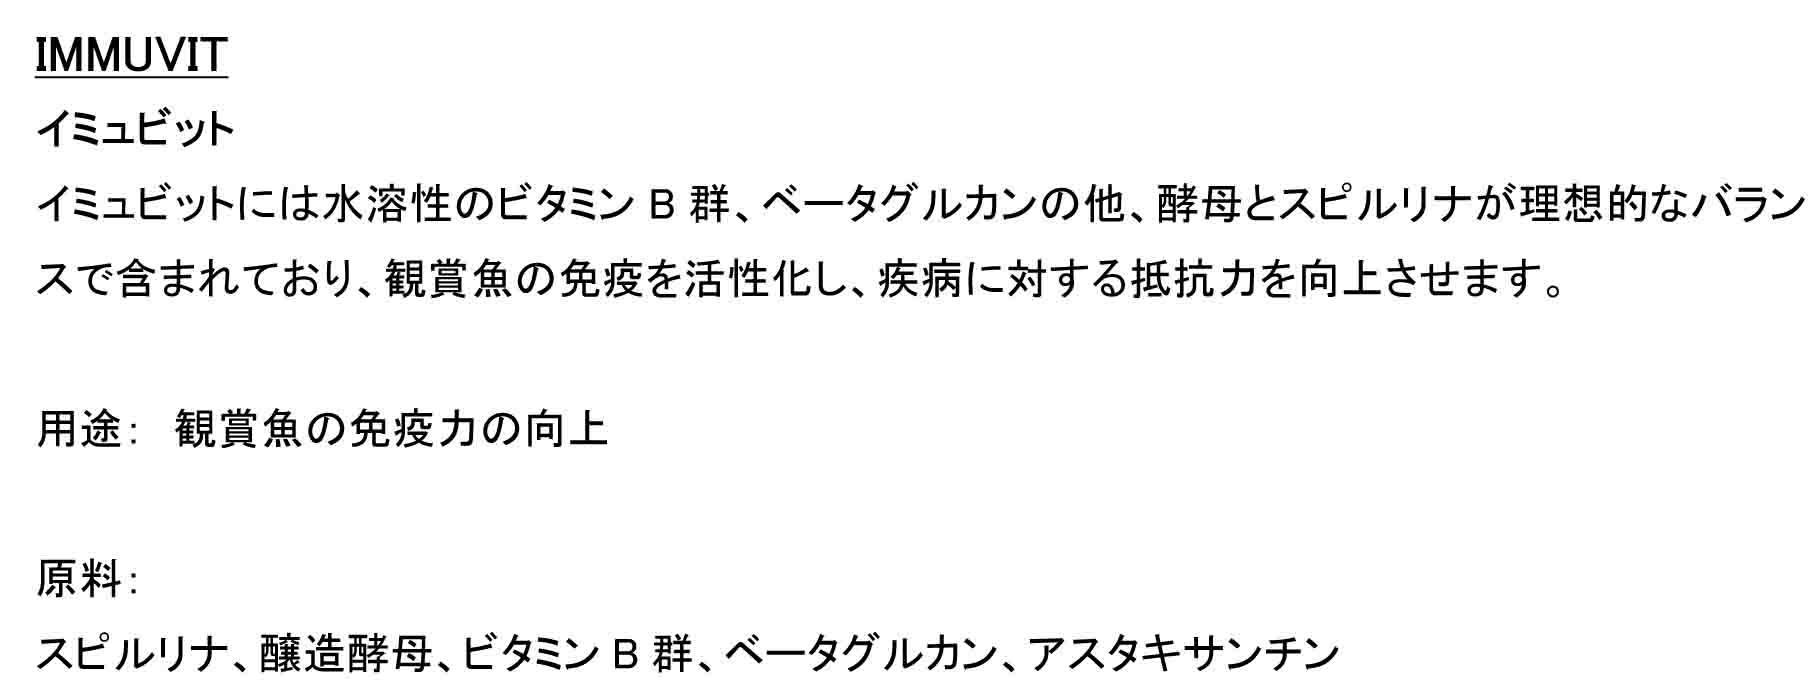 説明書-19IMMUVIT.jpg